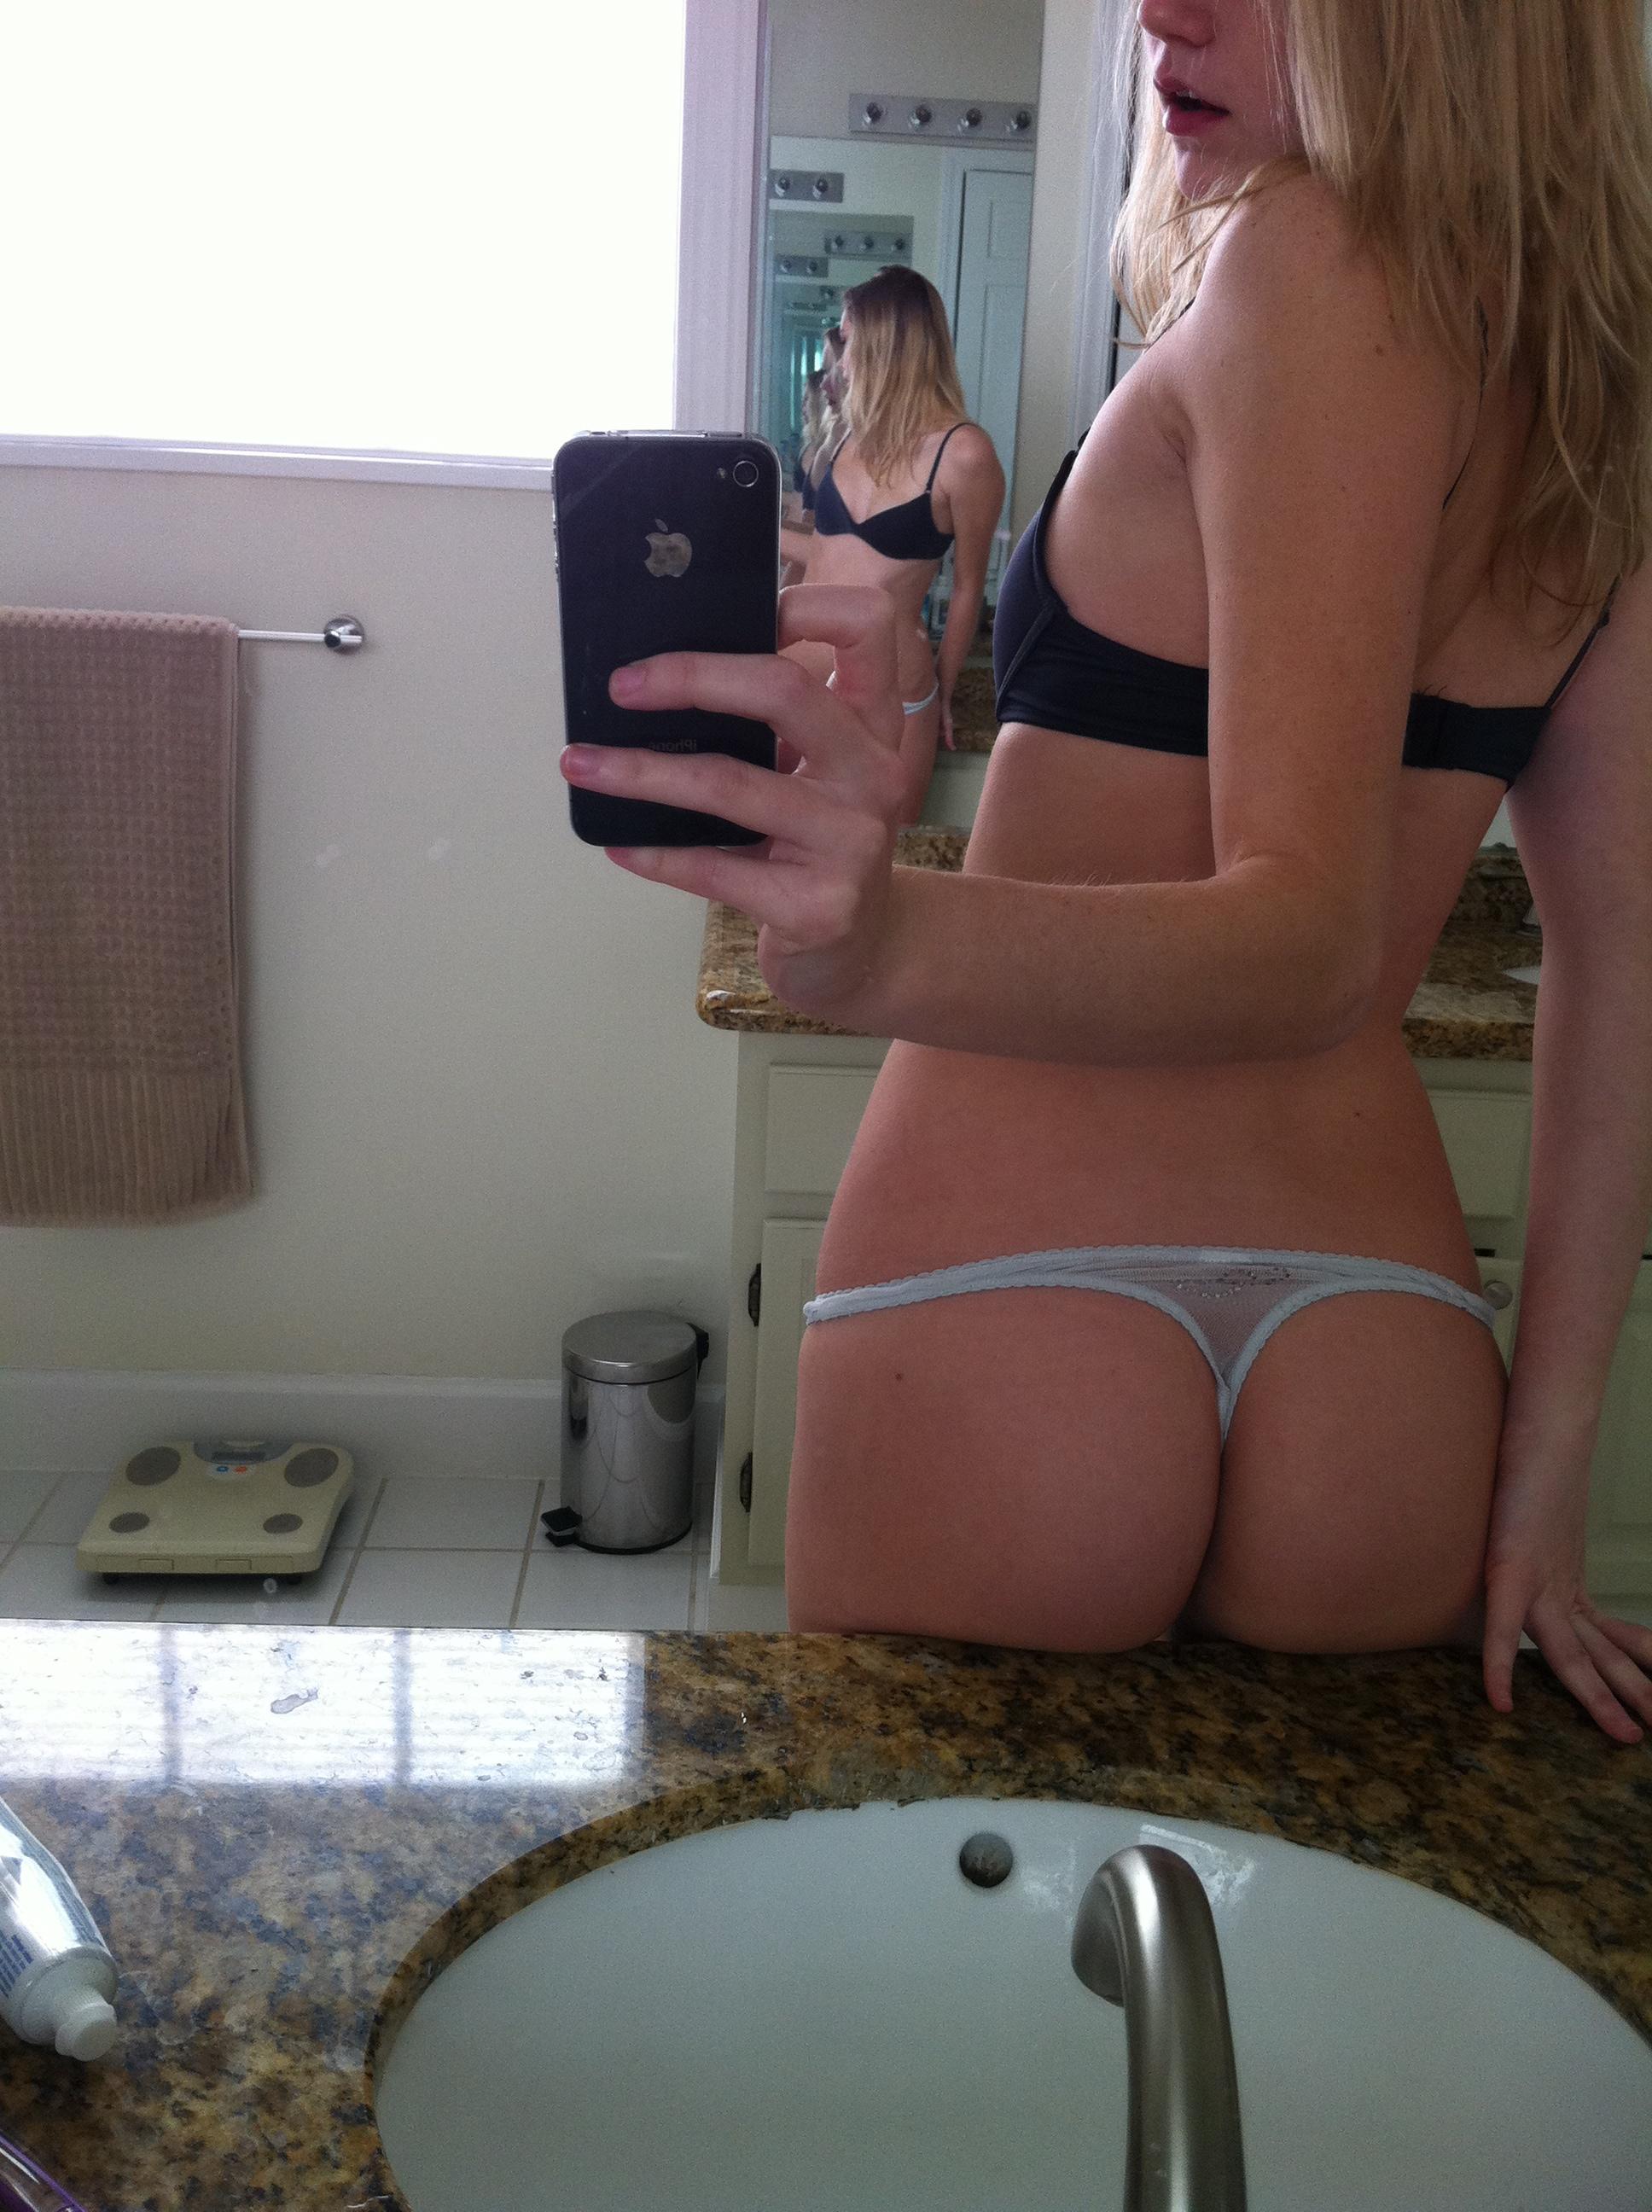 selfie fille montre cul sur lavabo